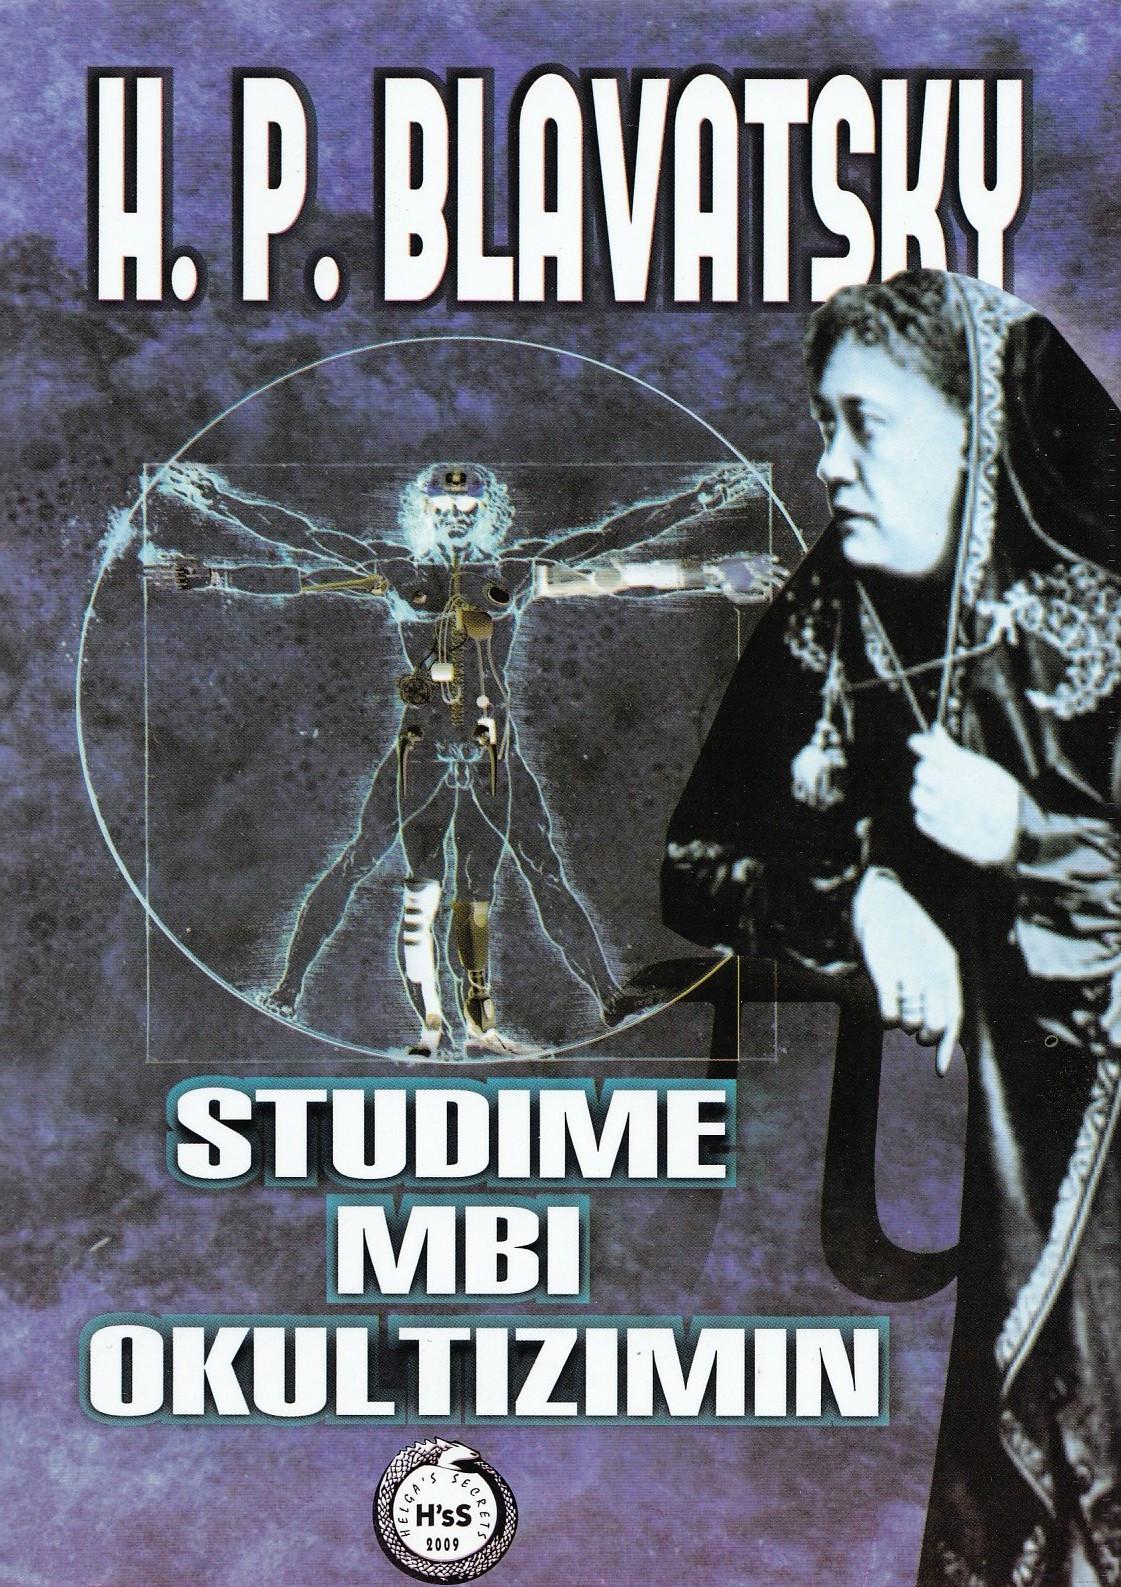 Studime mbi okultizmin